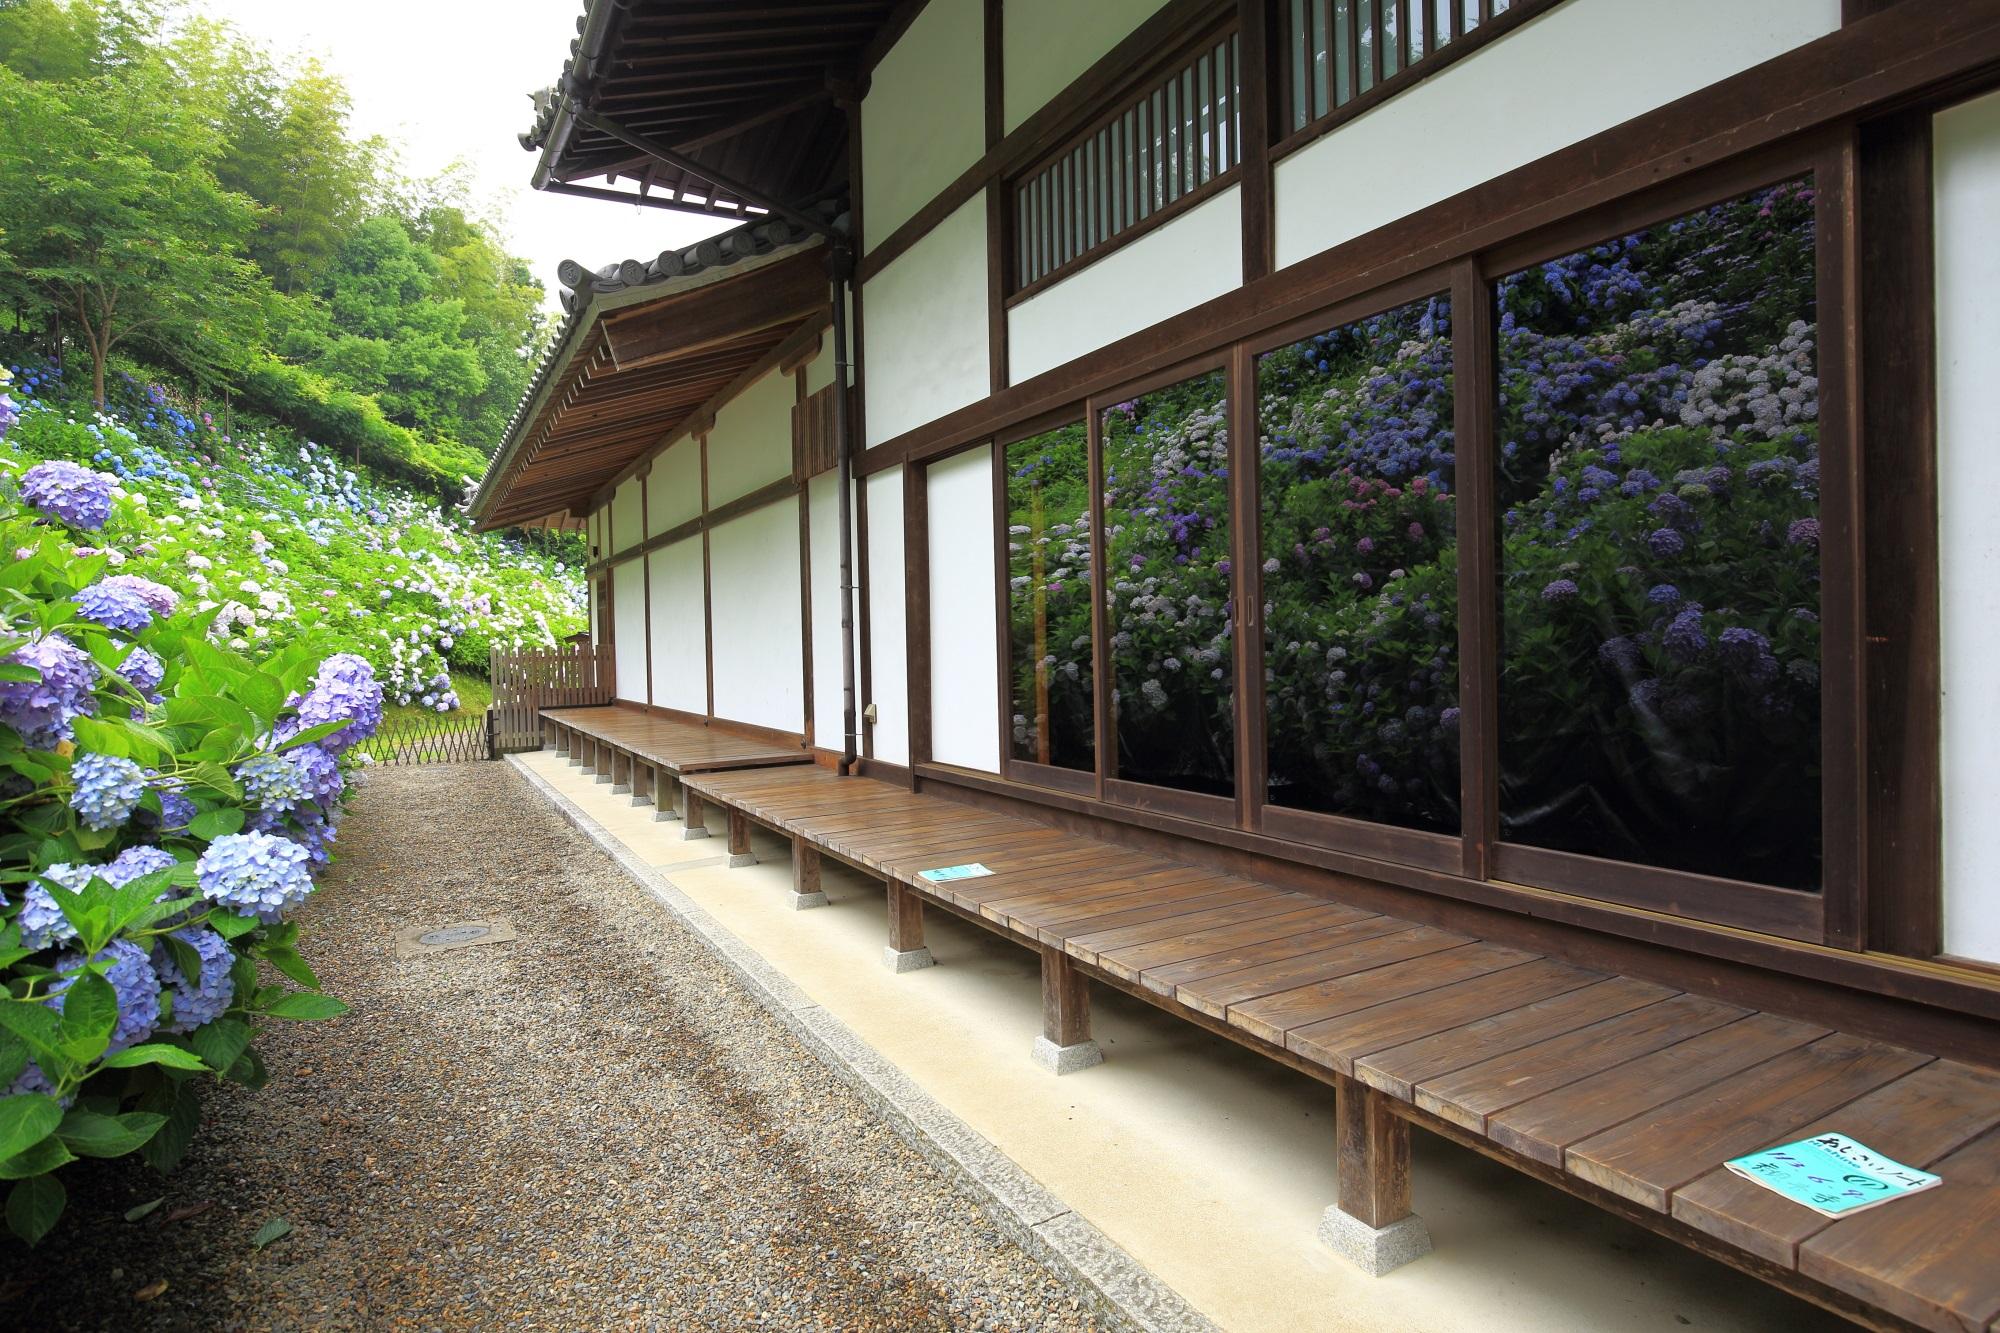 丹州観音寺の伽藍(寺務所)の縁側向かいにある紫陽花の山